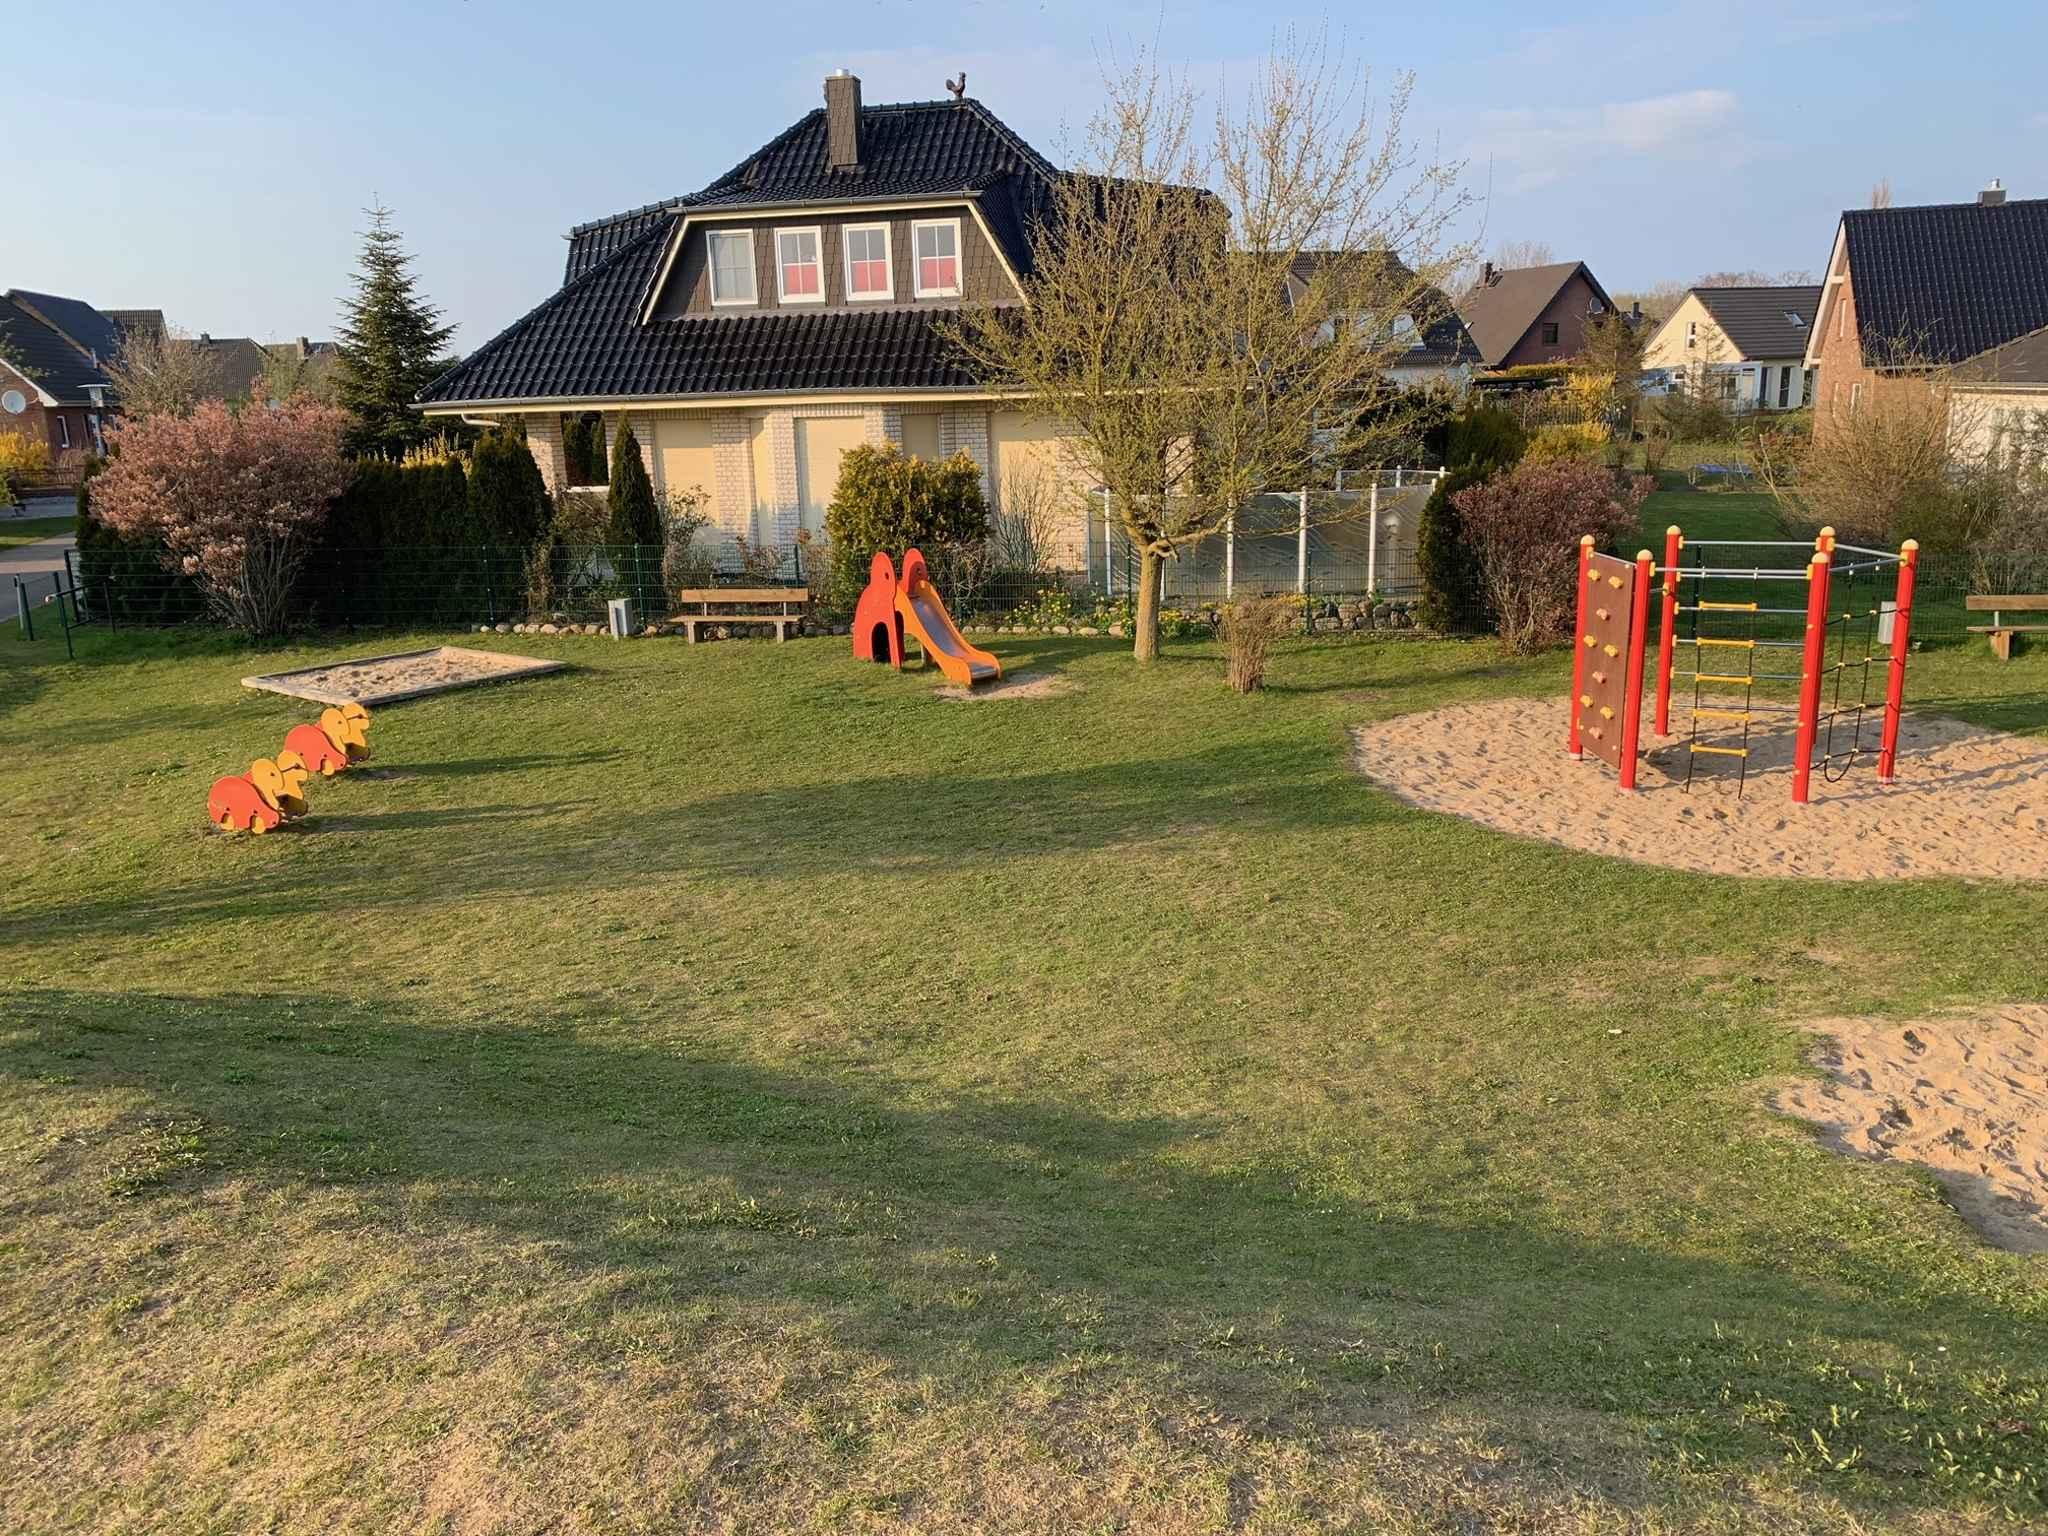 Ferienwohnung mit Garten, direkt im Kranichrastgebiet (360789), Klausdorf, Stralsund, Mecklenburg-Vorpommern, Deutschland, Bild 9